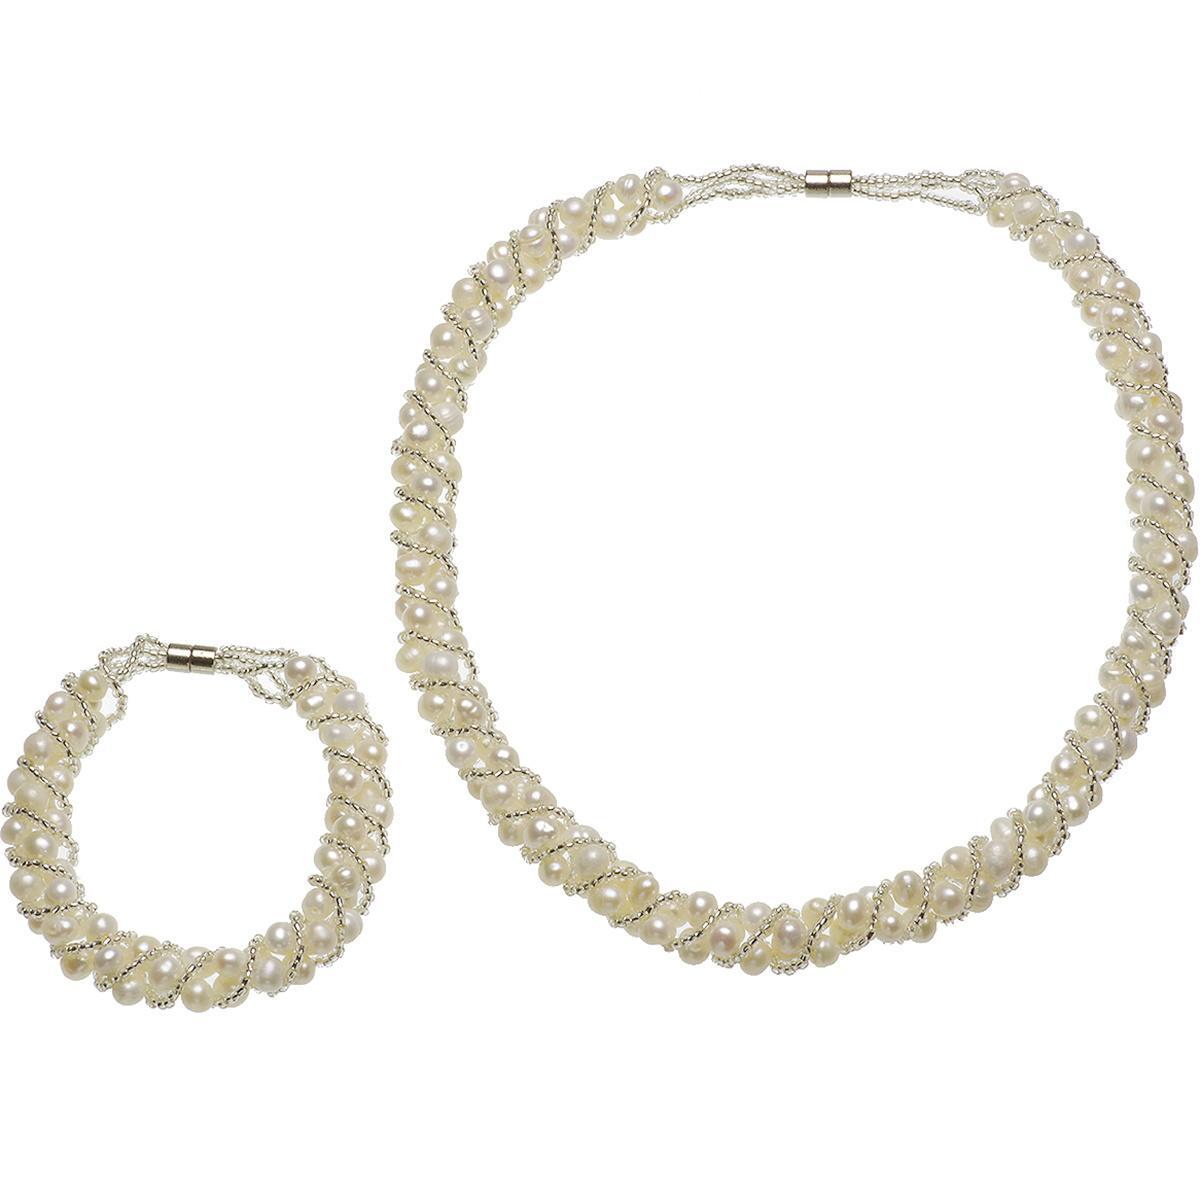 淡水真珠 網連 ネックレス ブレス セットの写真